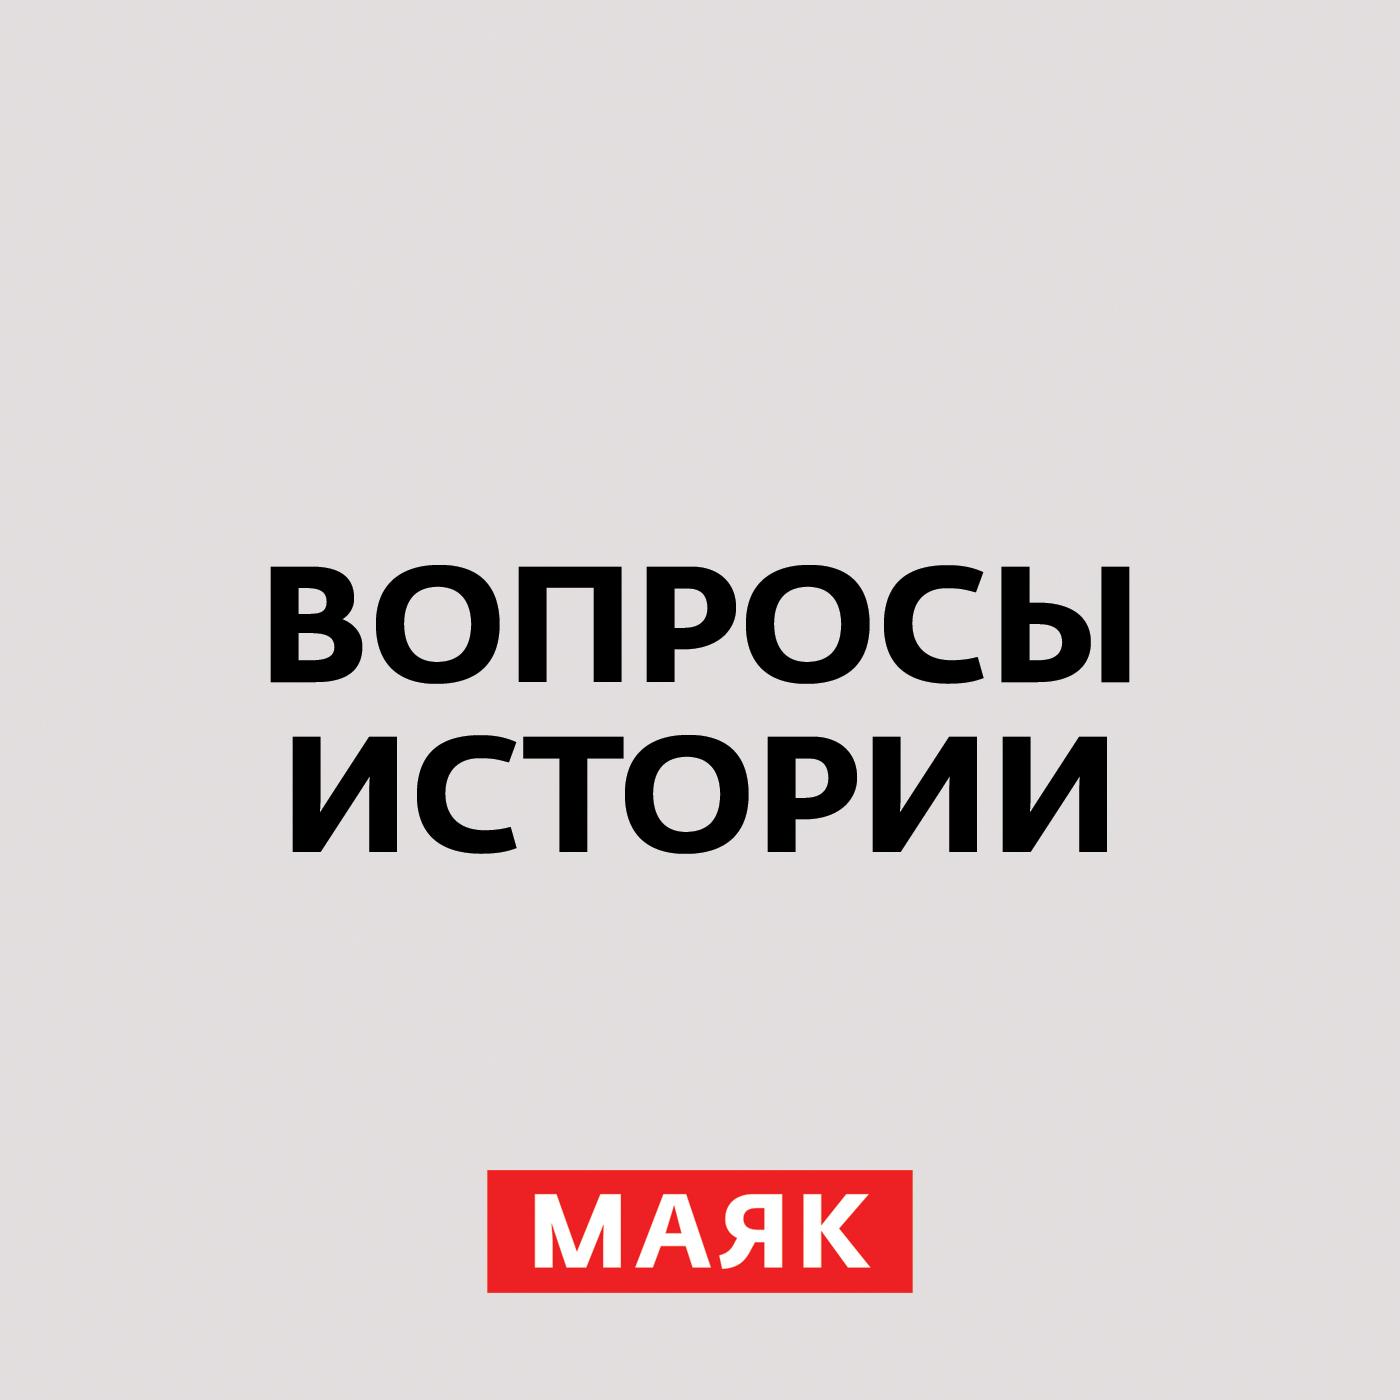 Андрей Светенко Война моторов. Танки времён ВОВ андрей светенко ленд лиз в годы вов мифы и реальность